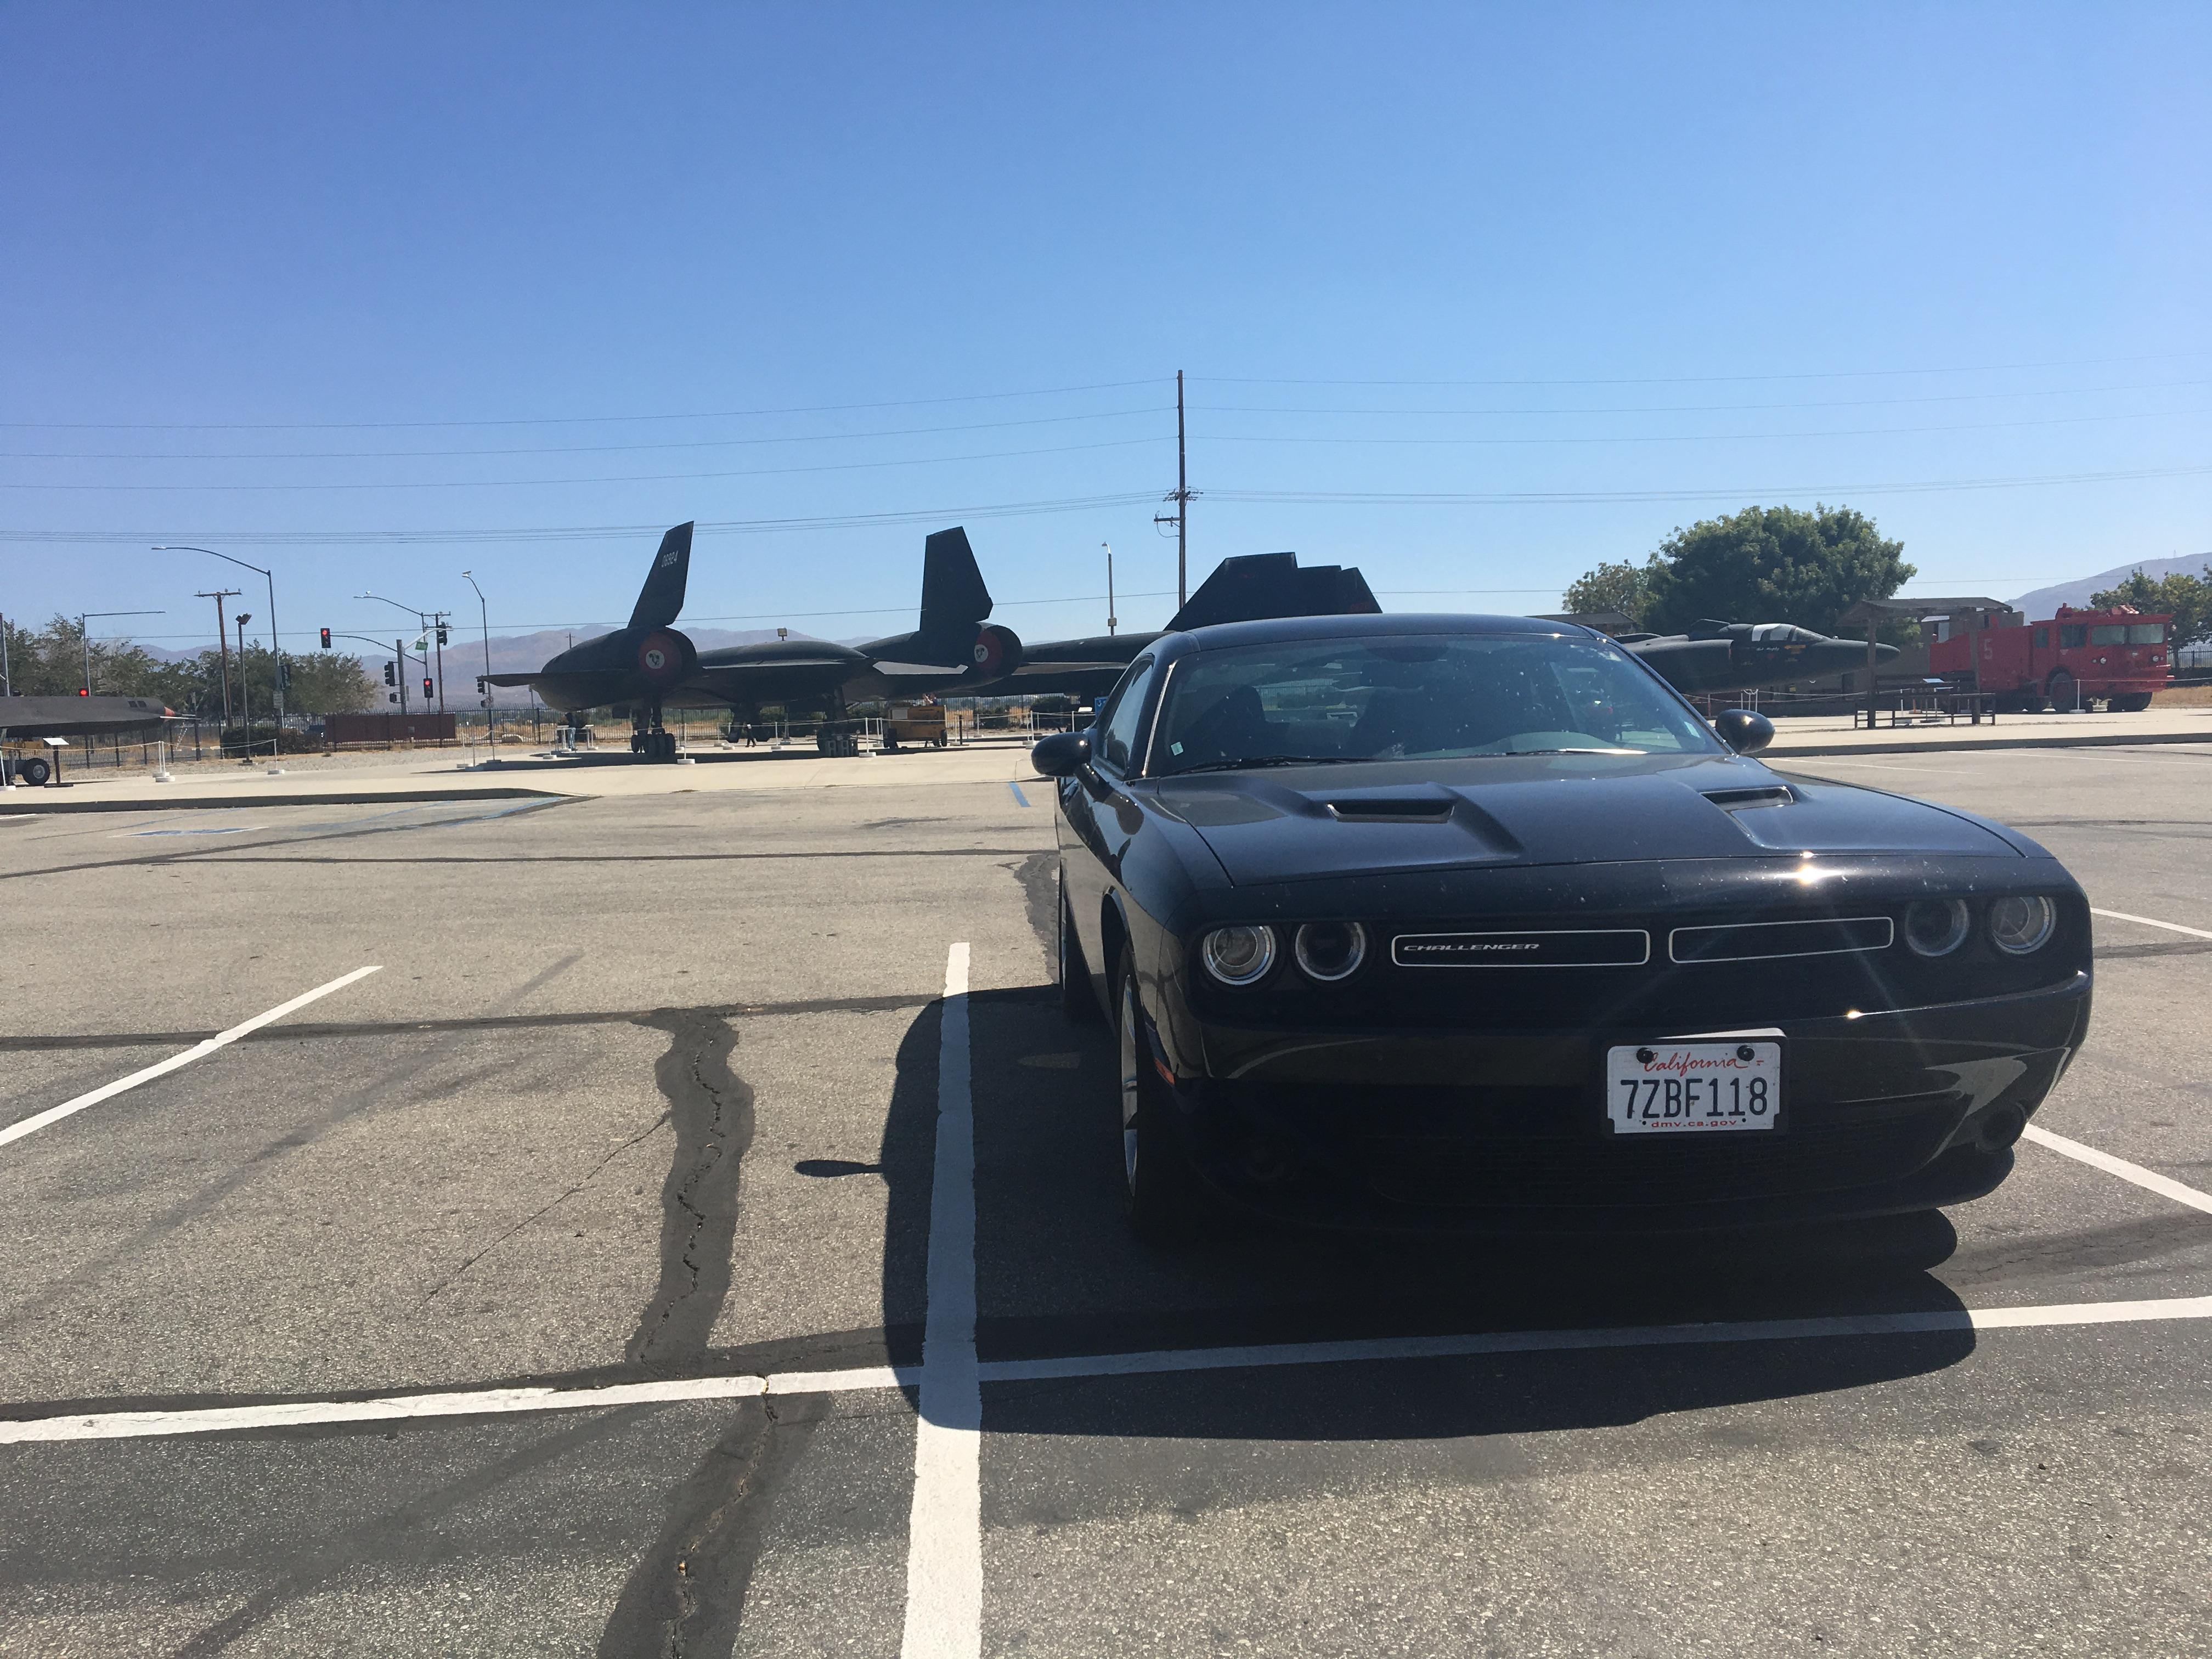 Nie ma to jak zaparkować przy samolocie.